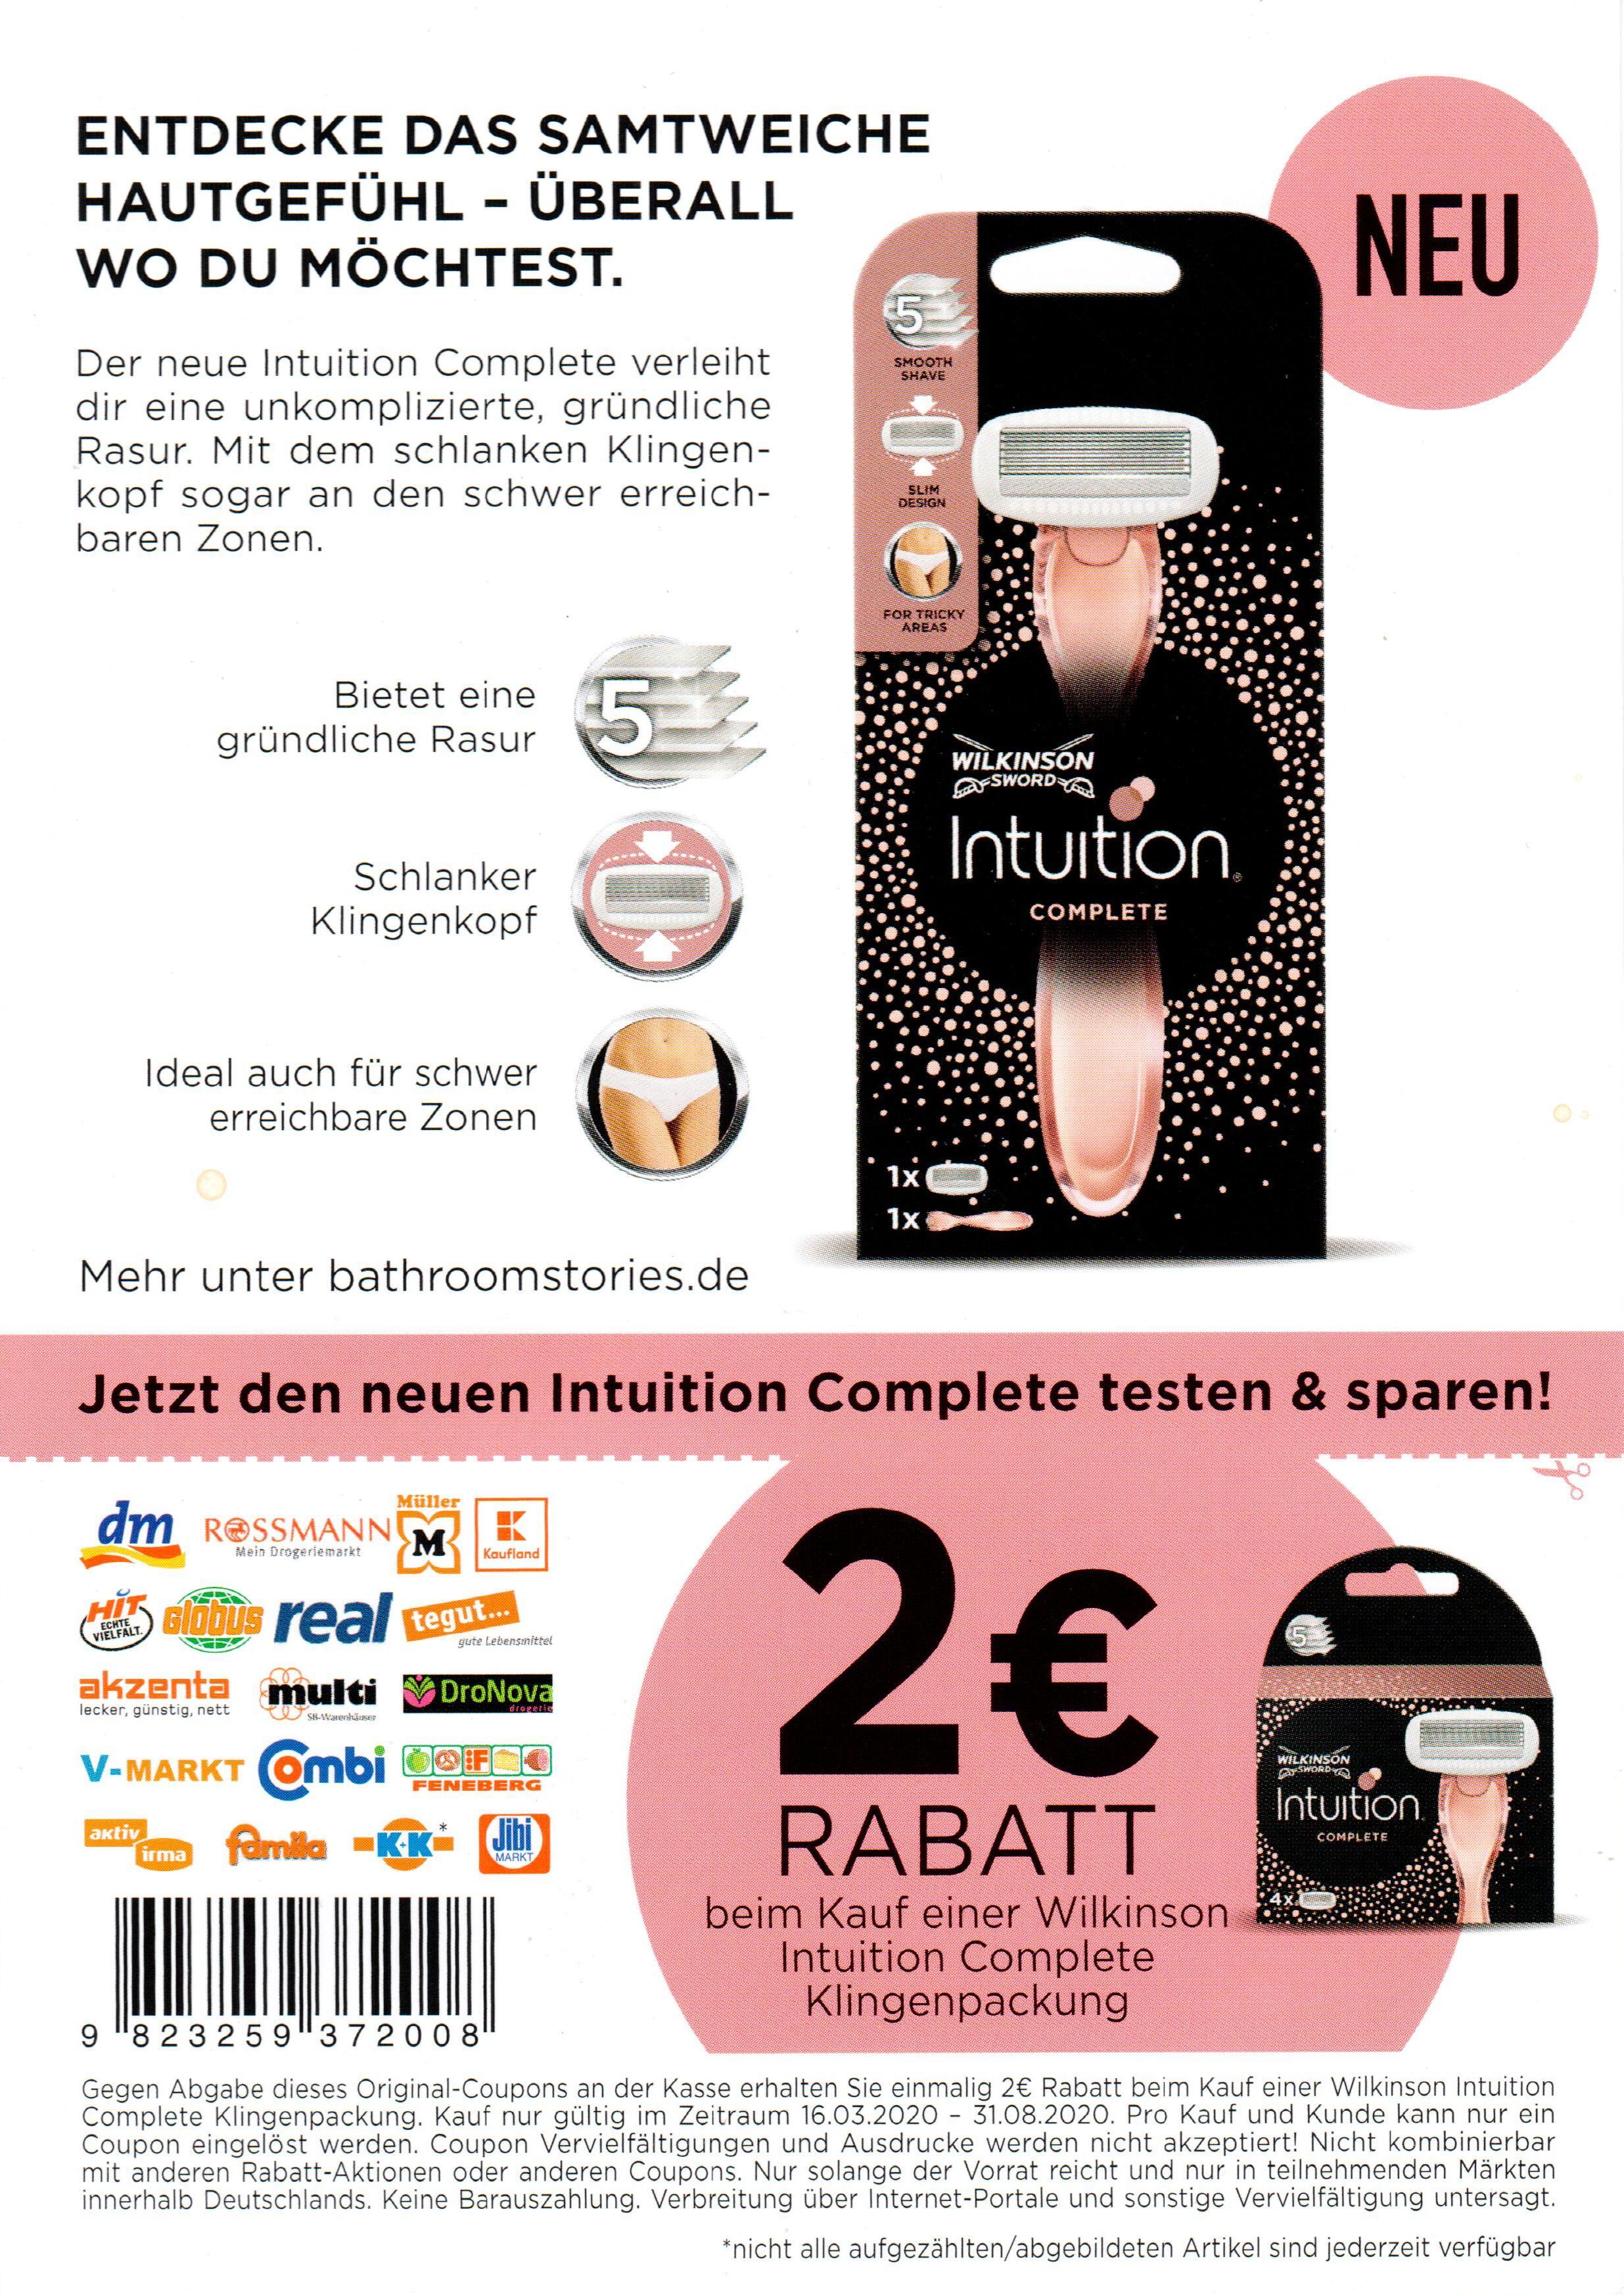 2€ Coupon für Wilkinson Intuition Complete Rasierklingen bis 31.08.2020